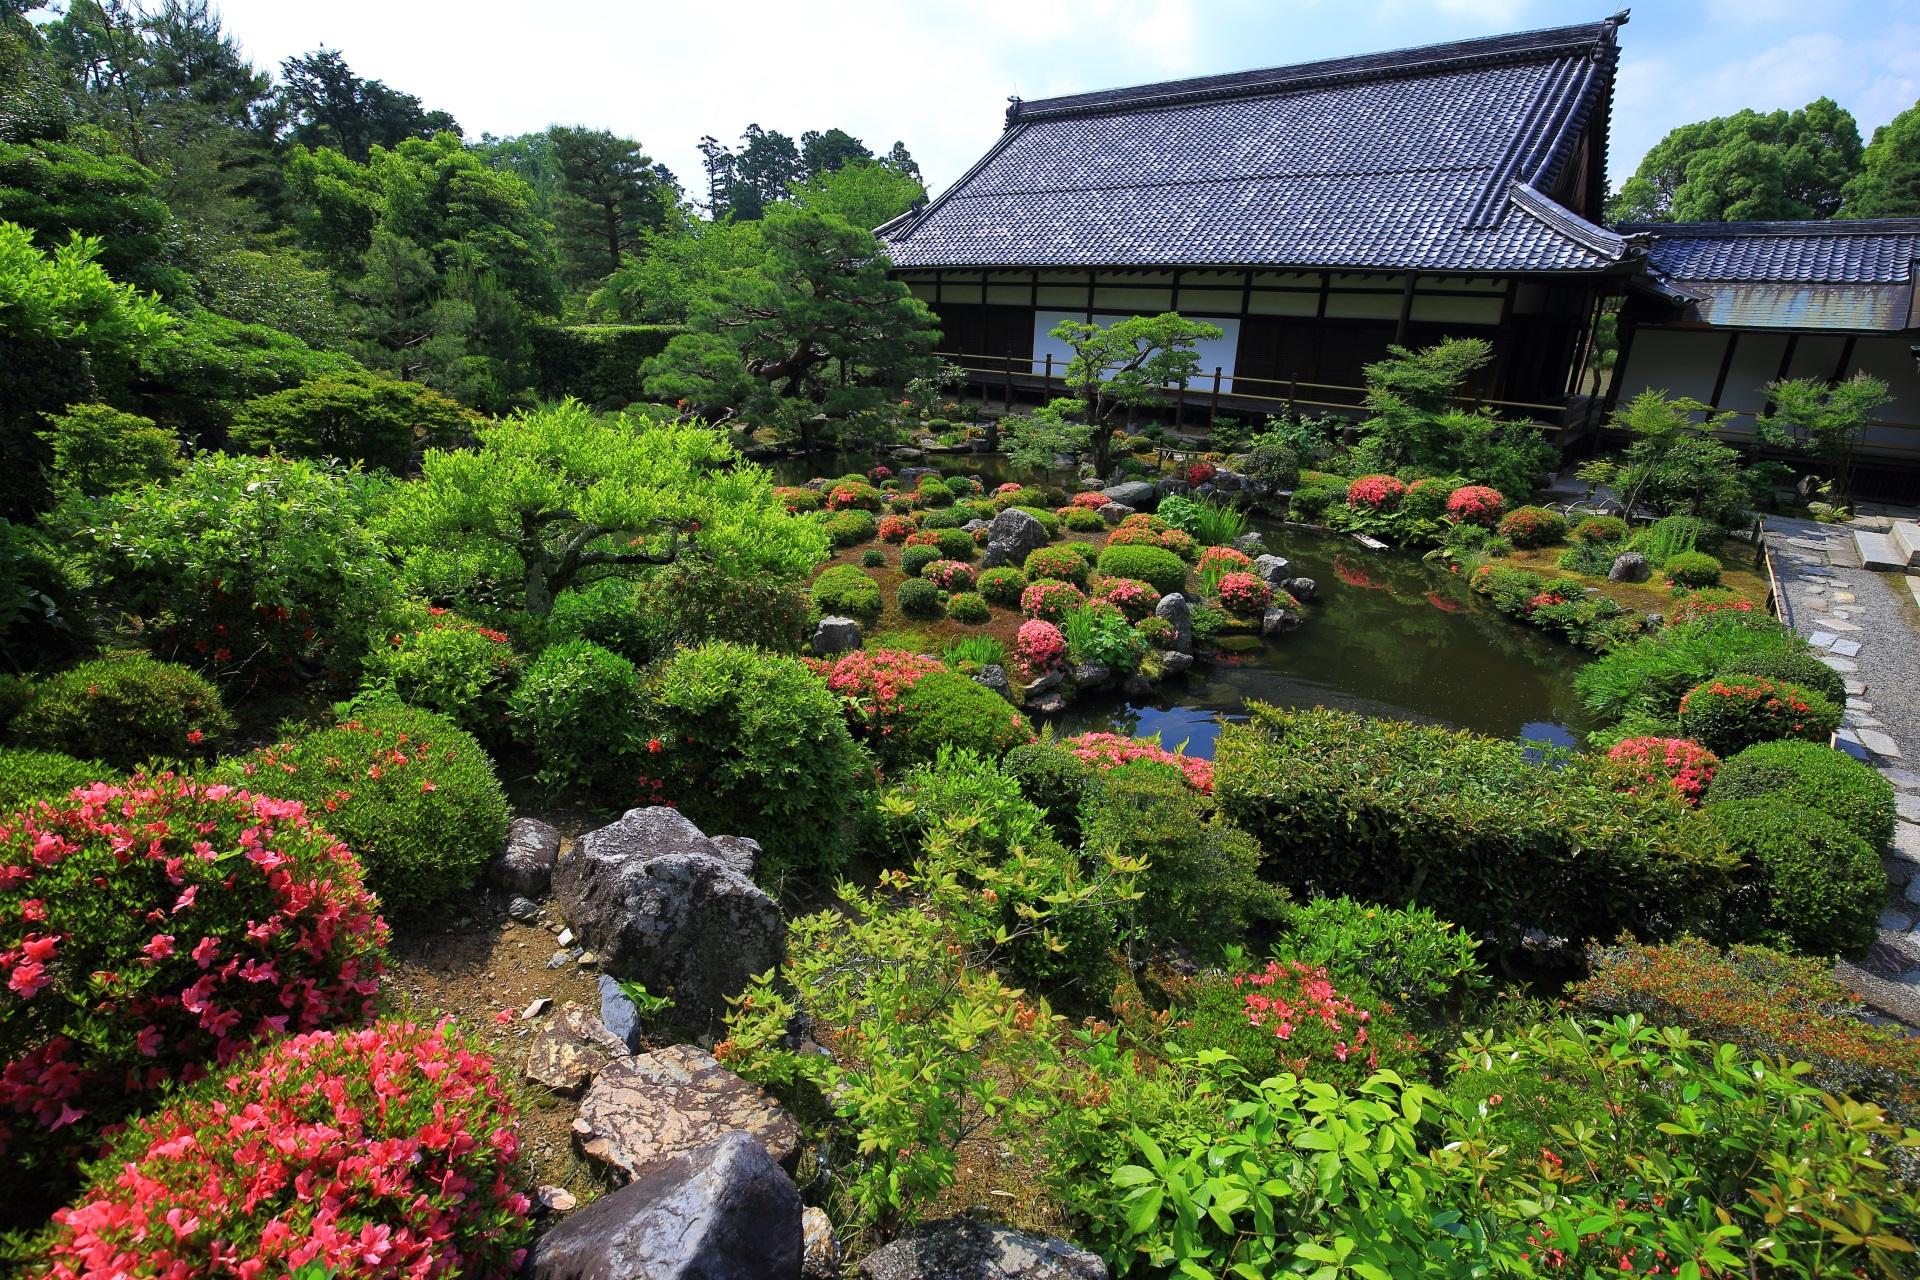 茶室「清漣亭」側から眺めた芙蓉池と大きな方丈